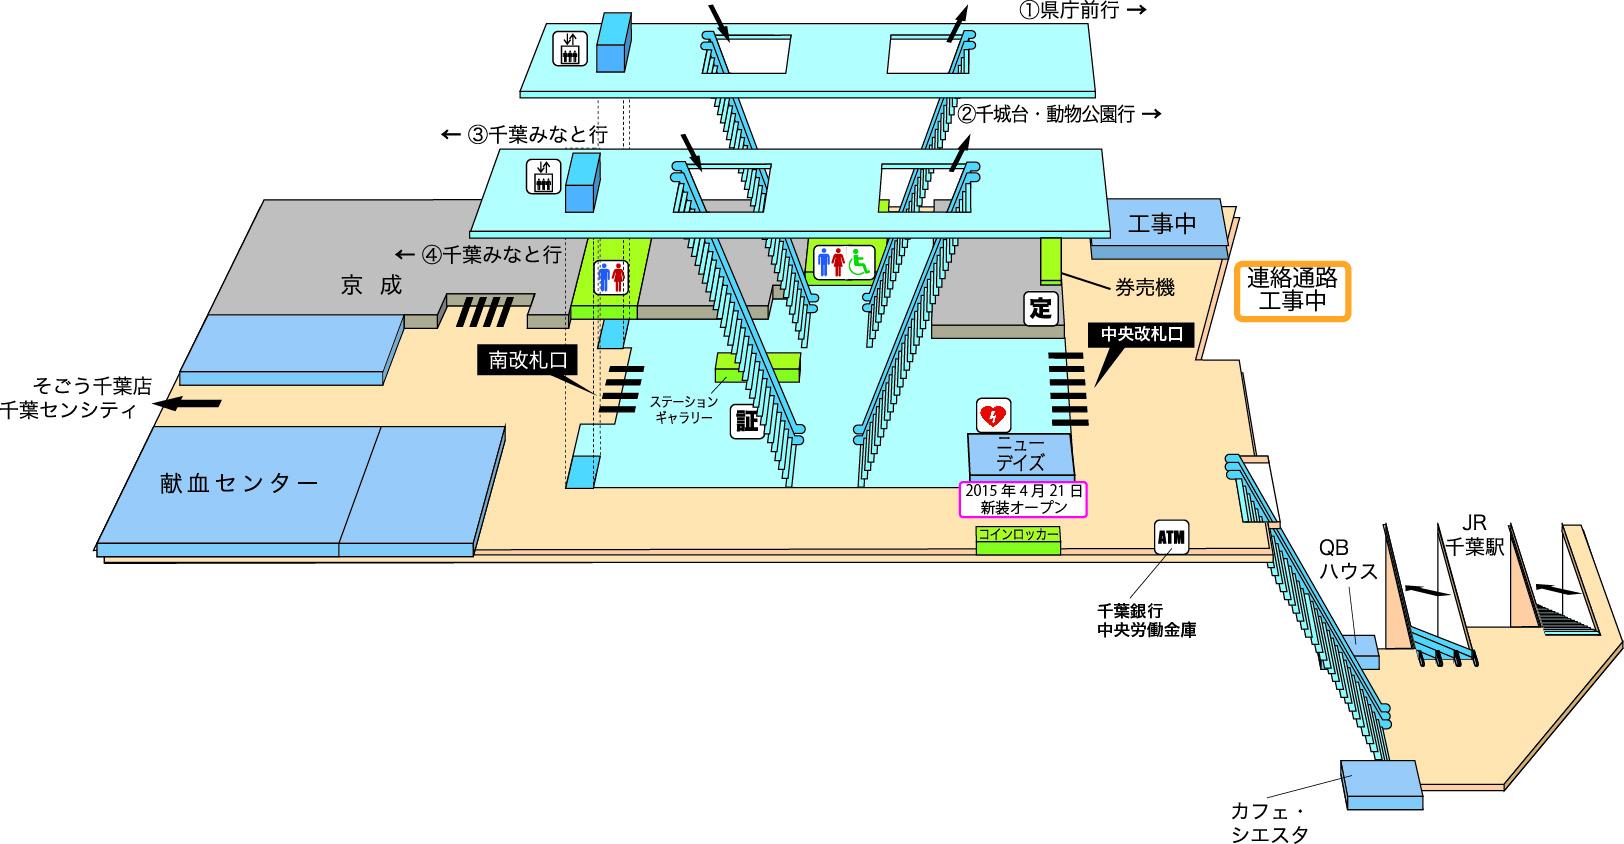 千葉駅構内図